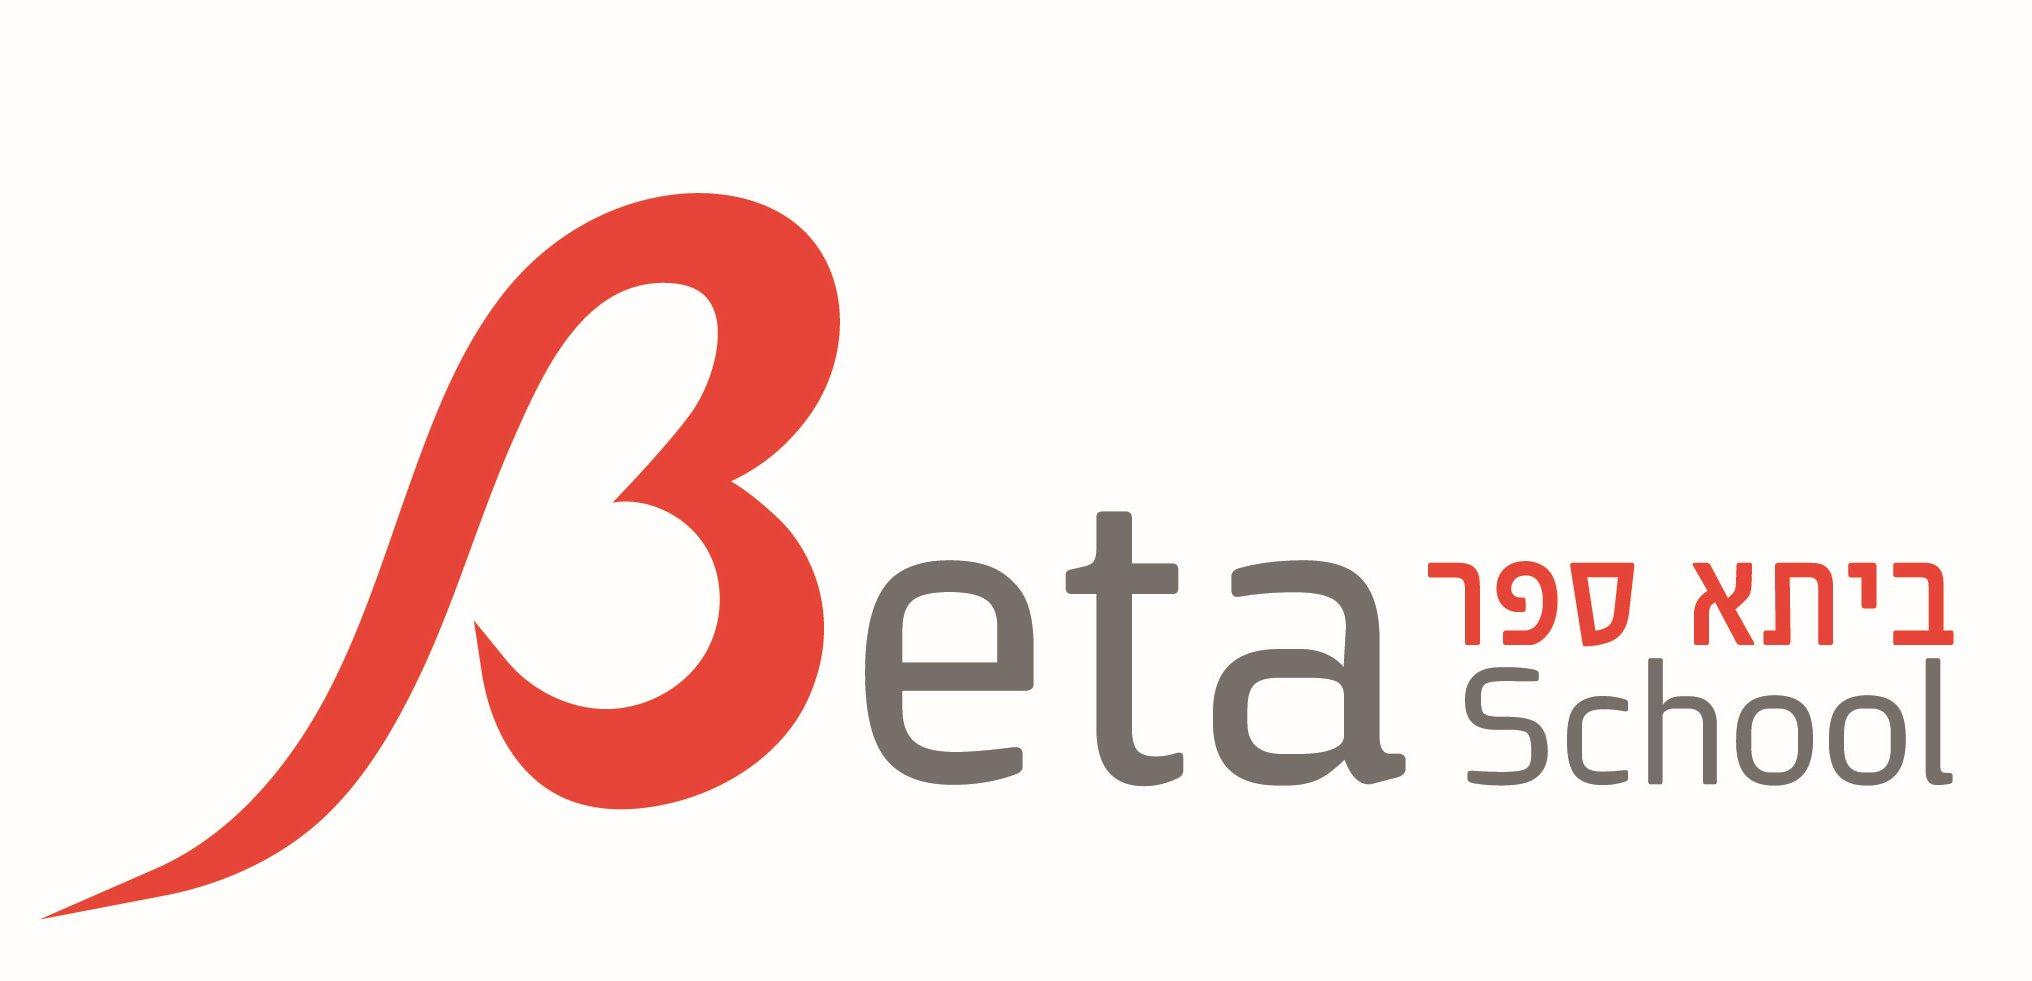 BetaLogo-01.jpg